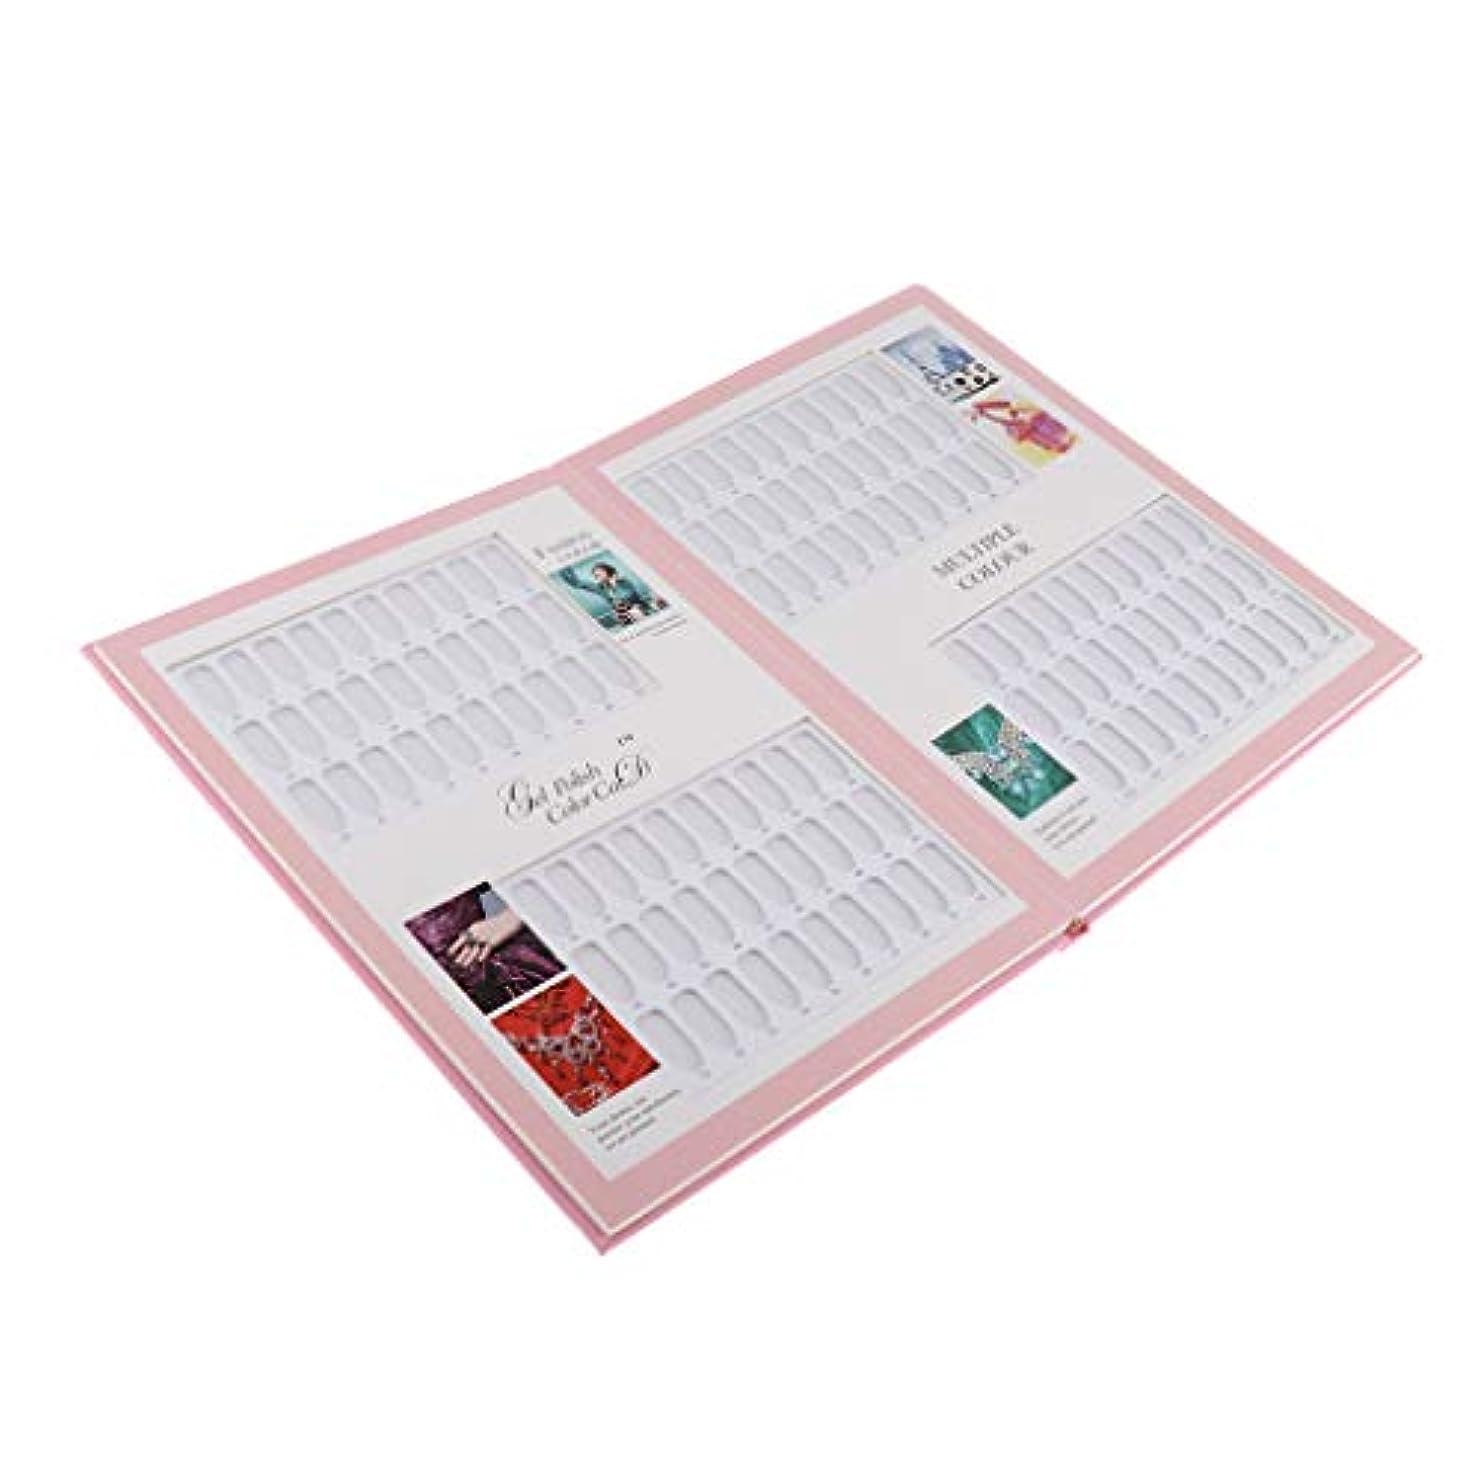 カテゴリー折る非公式ネイルカラーガイド ネイルアート マニキュア色見本 ネイルカラーカードブック ネイルディスプレイ 全3種 - 06